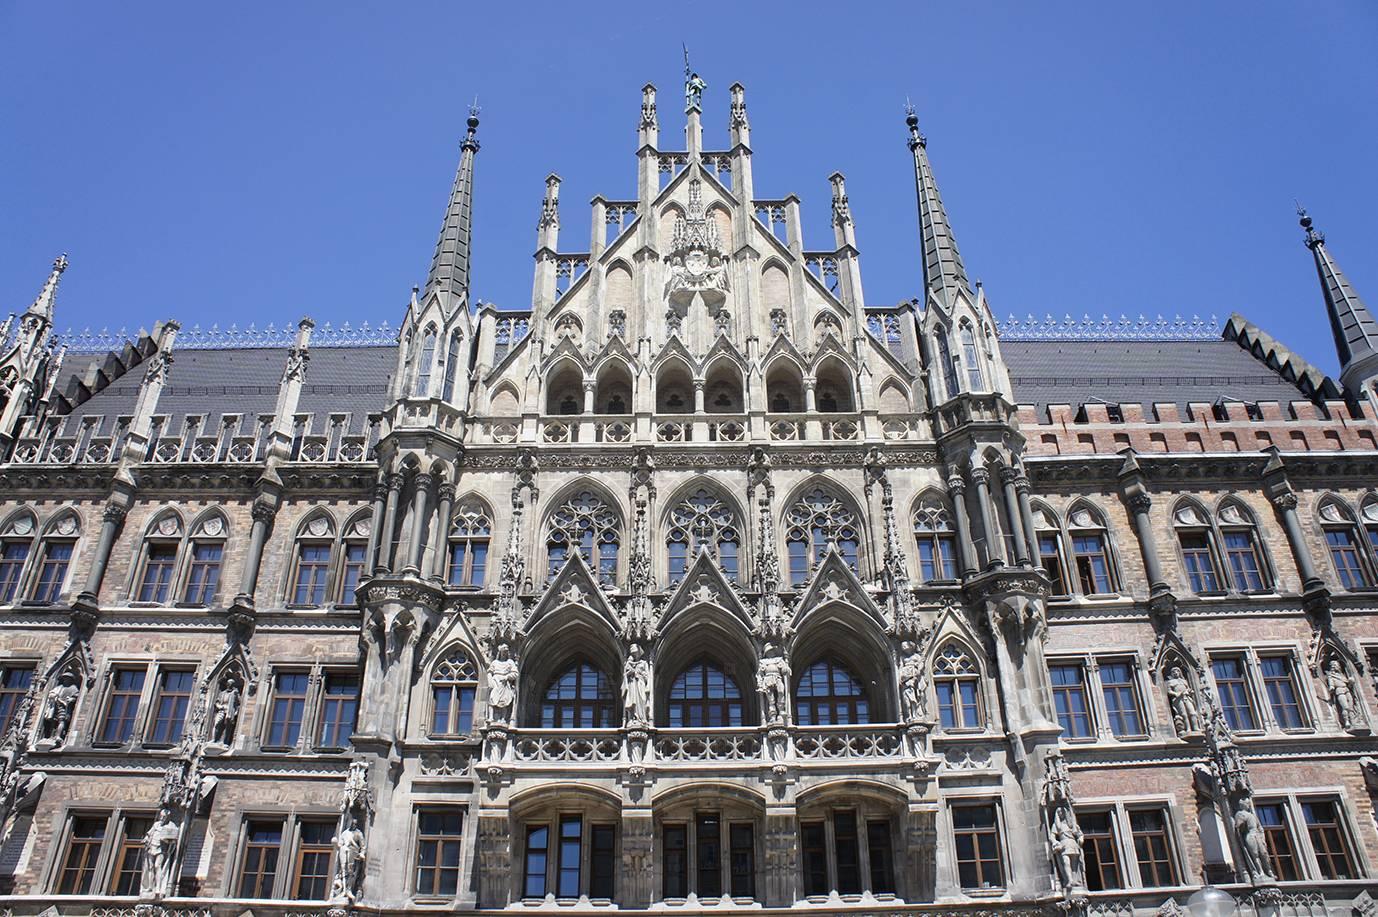 Все самые популярные достопримечательности мюнхена: церкви, ратуши, музеи, площади, архитектура   жизнь как путешествие